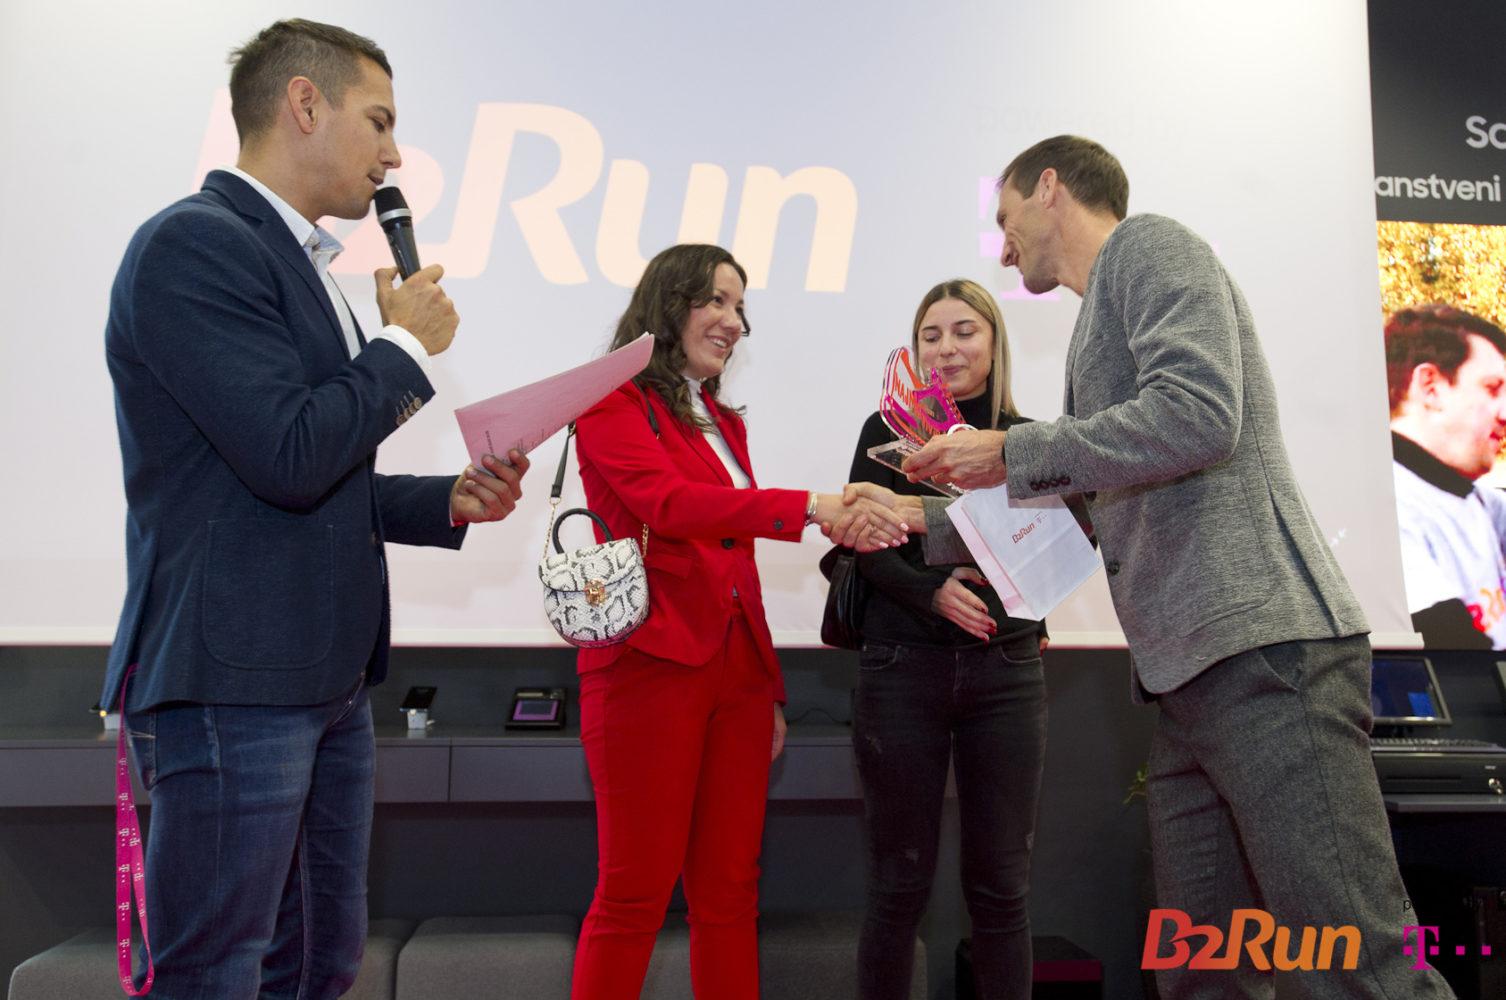 dejan-patrcevic-dodjeljuje nagradu-najmotiviranijem-timu-b2run-2019